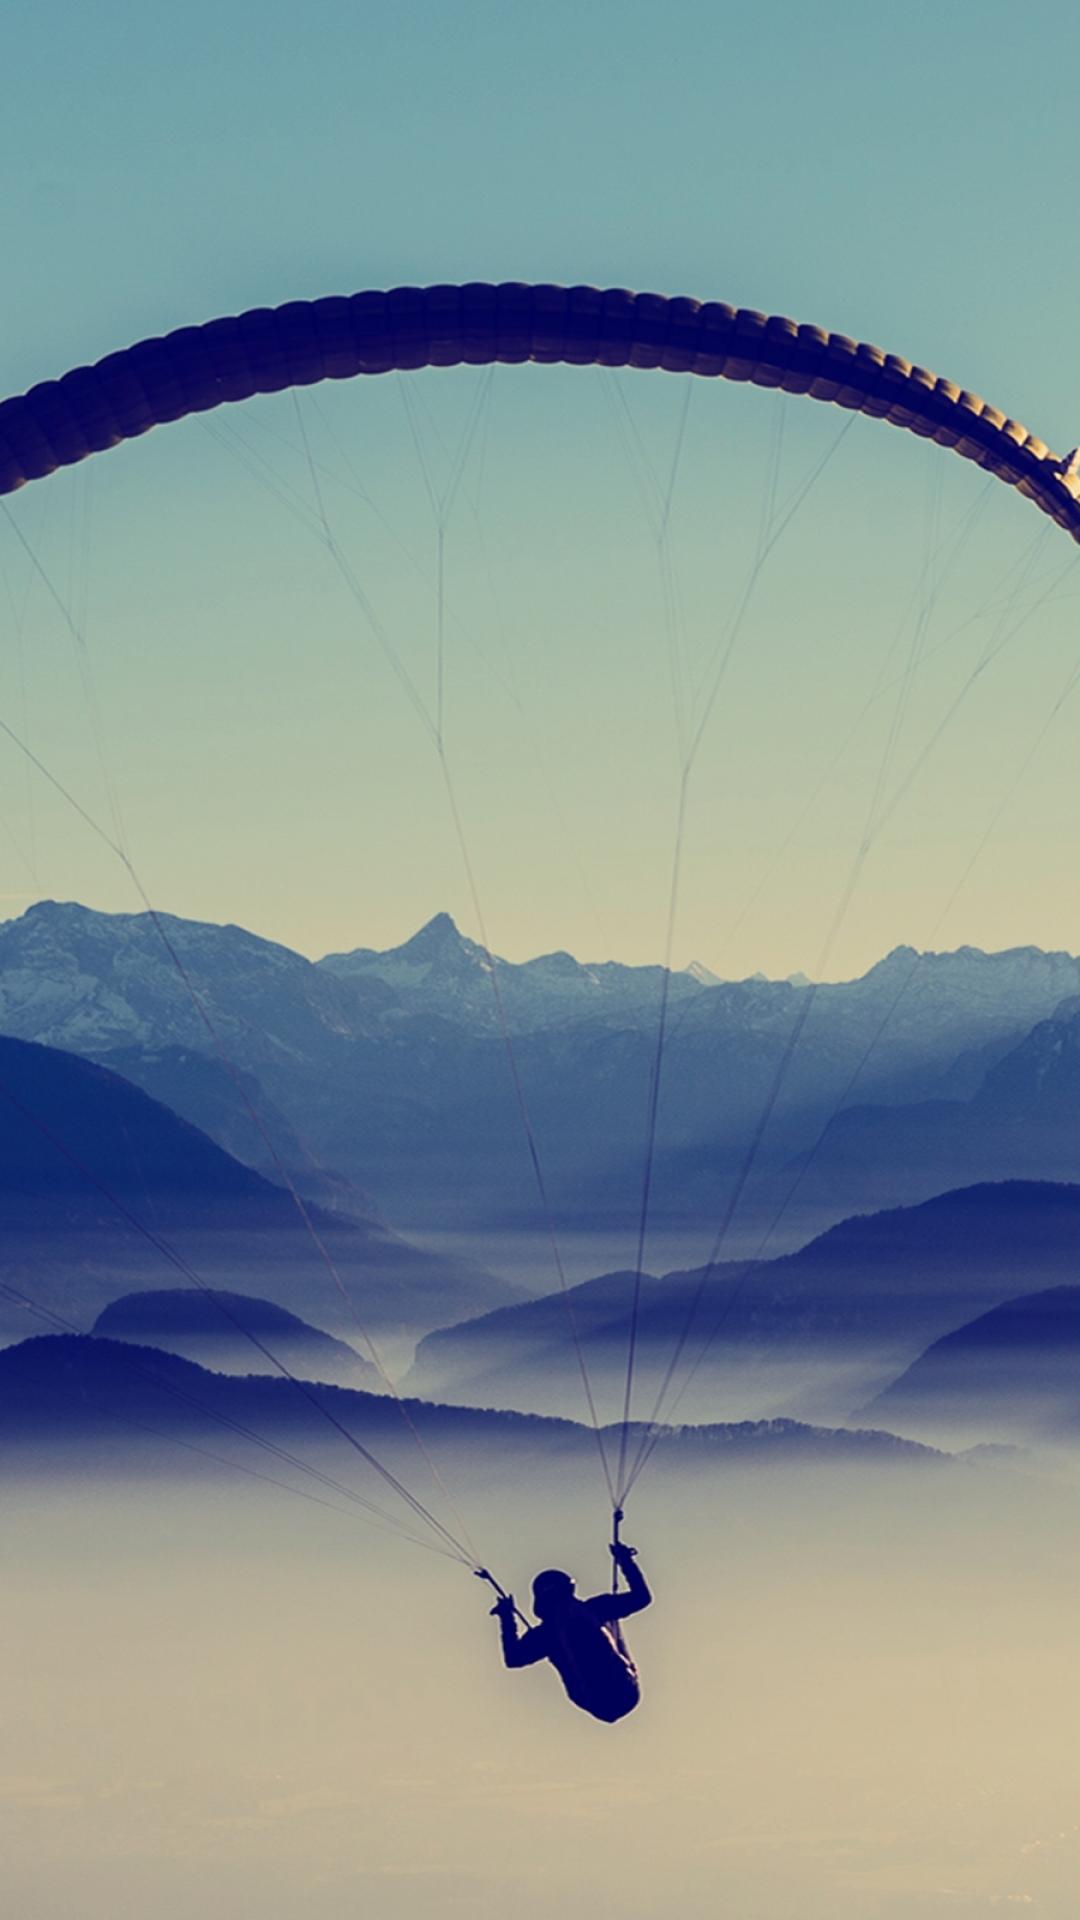 paragliding sky flight 91710 1080x1920 3Wallpapers : notre sélection de fonds d'écran du 18/09/2017